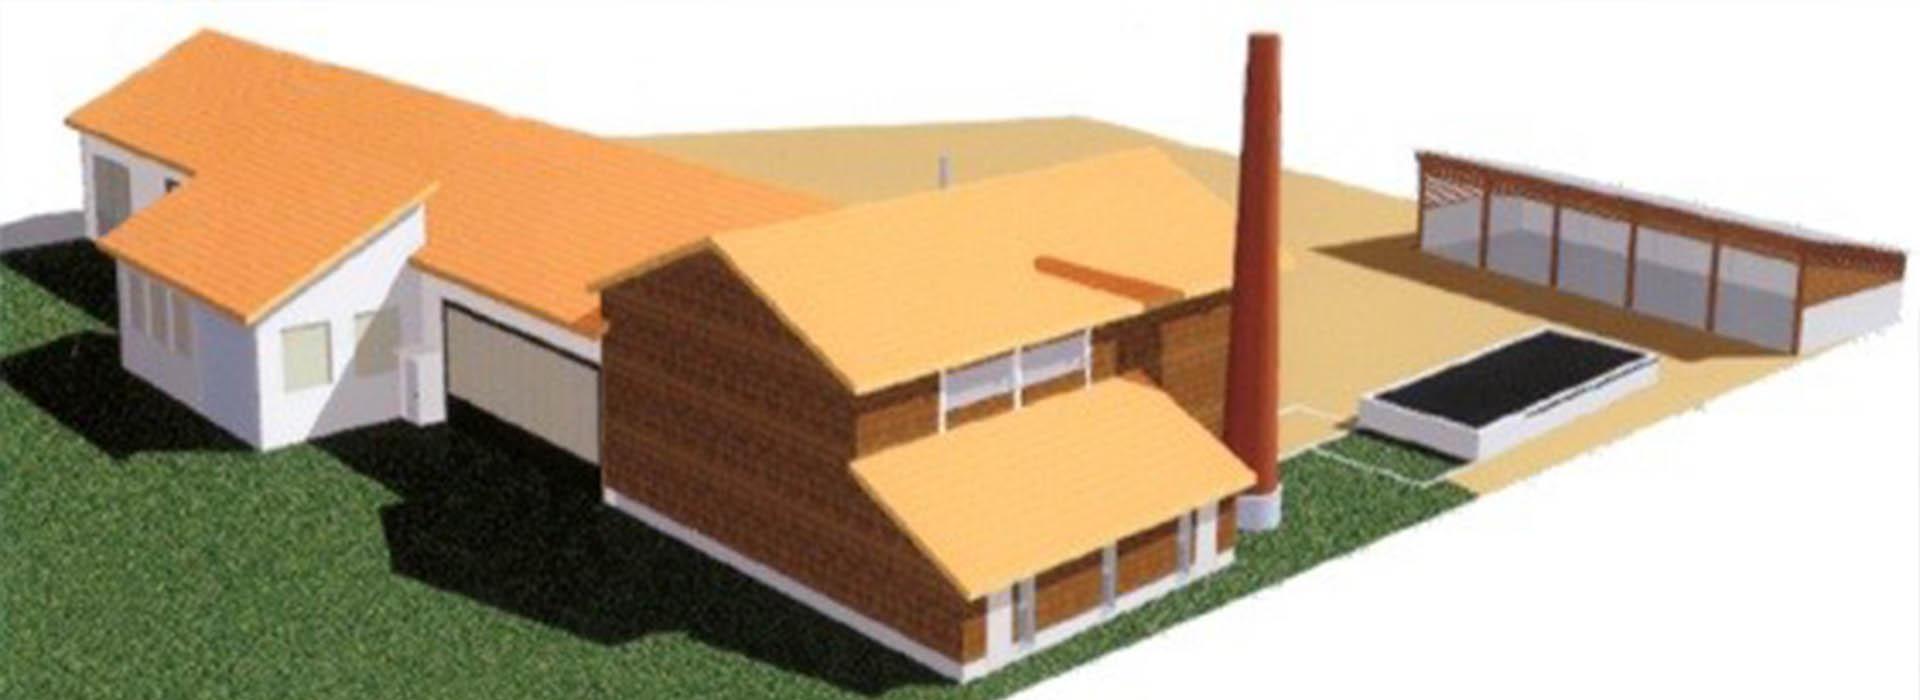 Rénovation et extension d'une chaufferie communale au bois avec réseau de chaleur à Tence